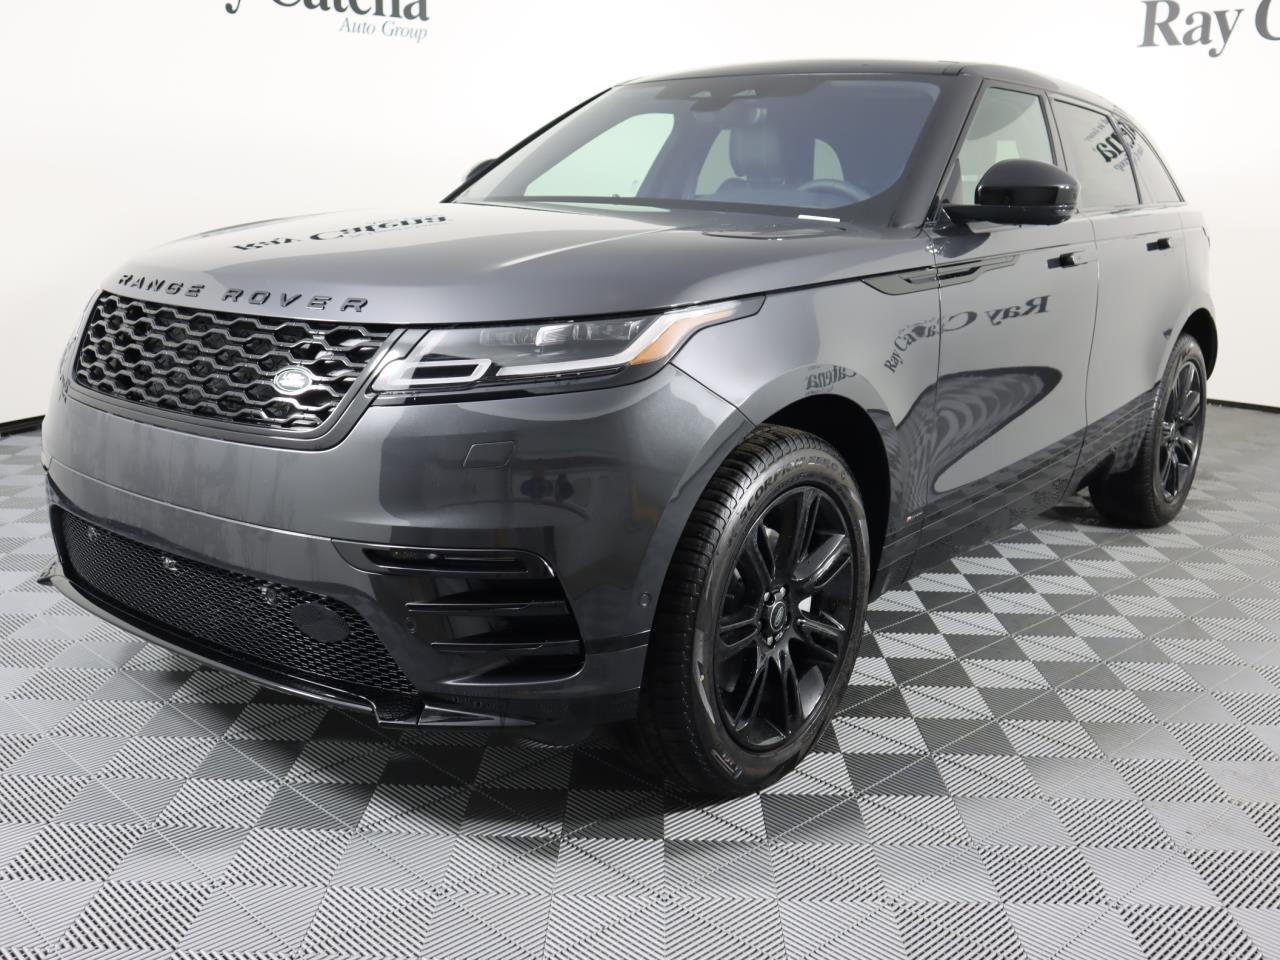 New 2021 Land Rover Range Rover Velar P250 R-Dynamic S